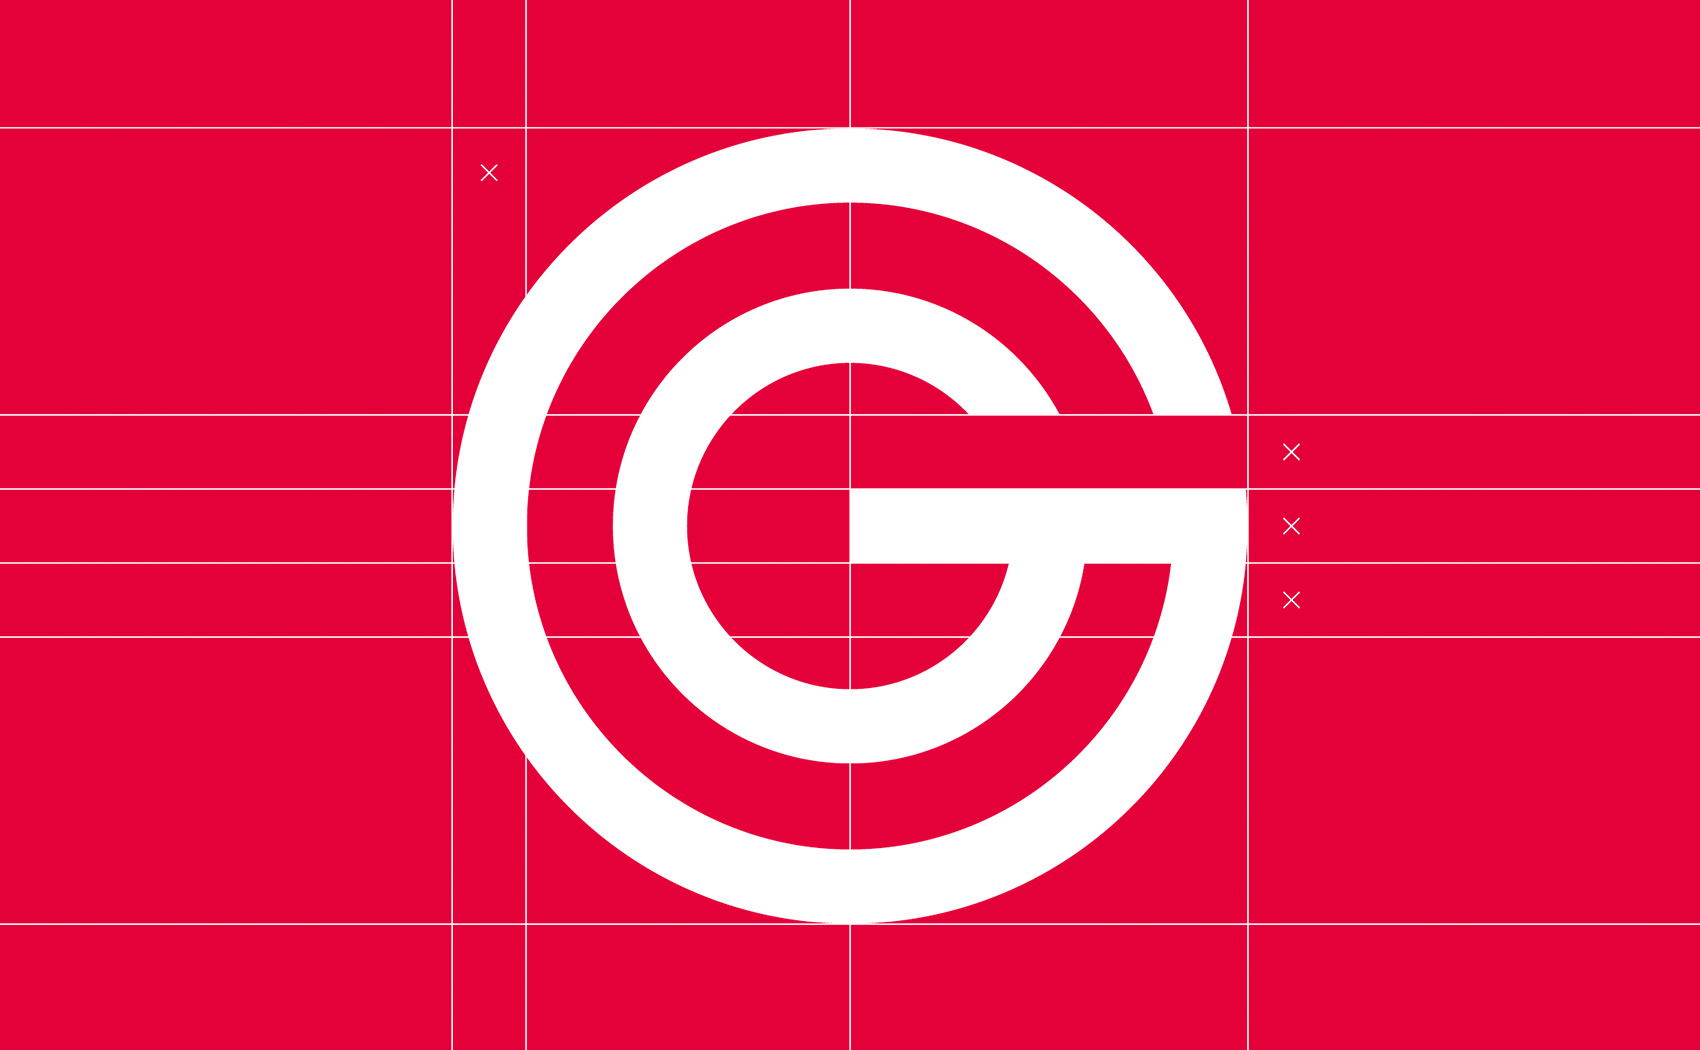 Logodesign mit geometrischem Aufbau für Güthler Glasfassaden GmbH